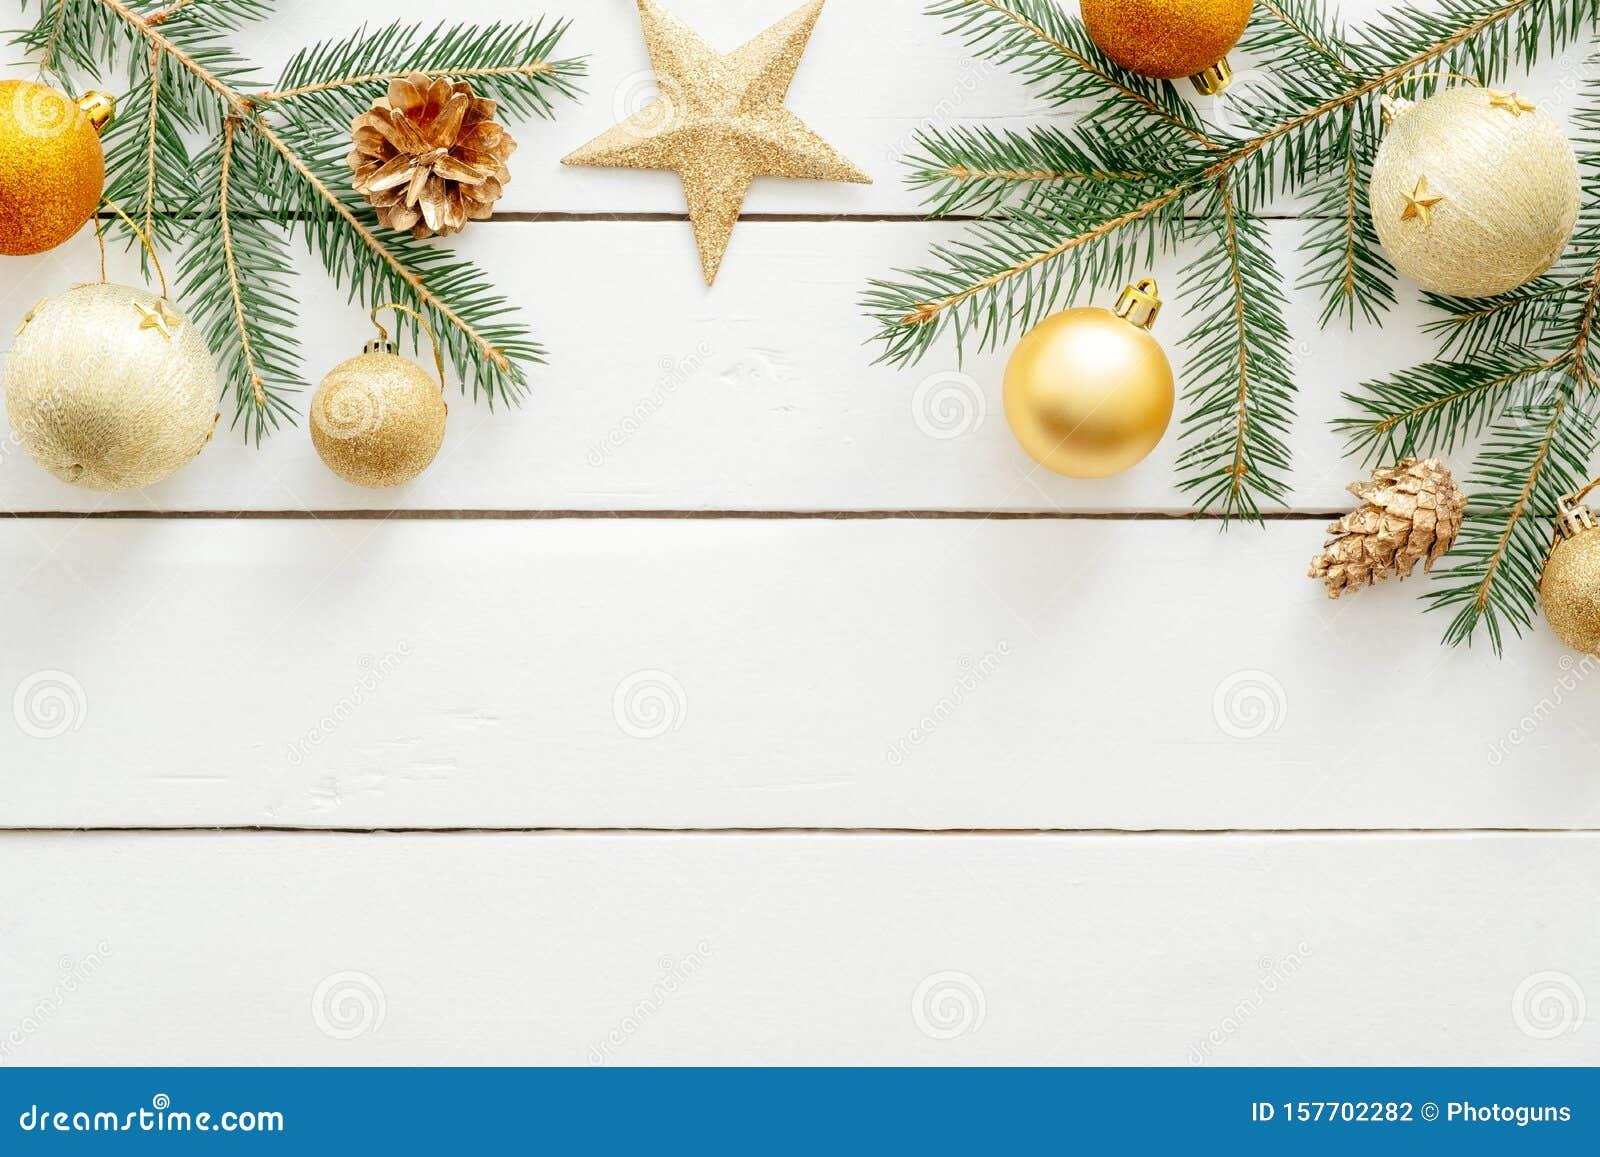 Обои композиция на белом фоне, Красивая рождественская. Новый год foto 10